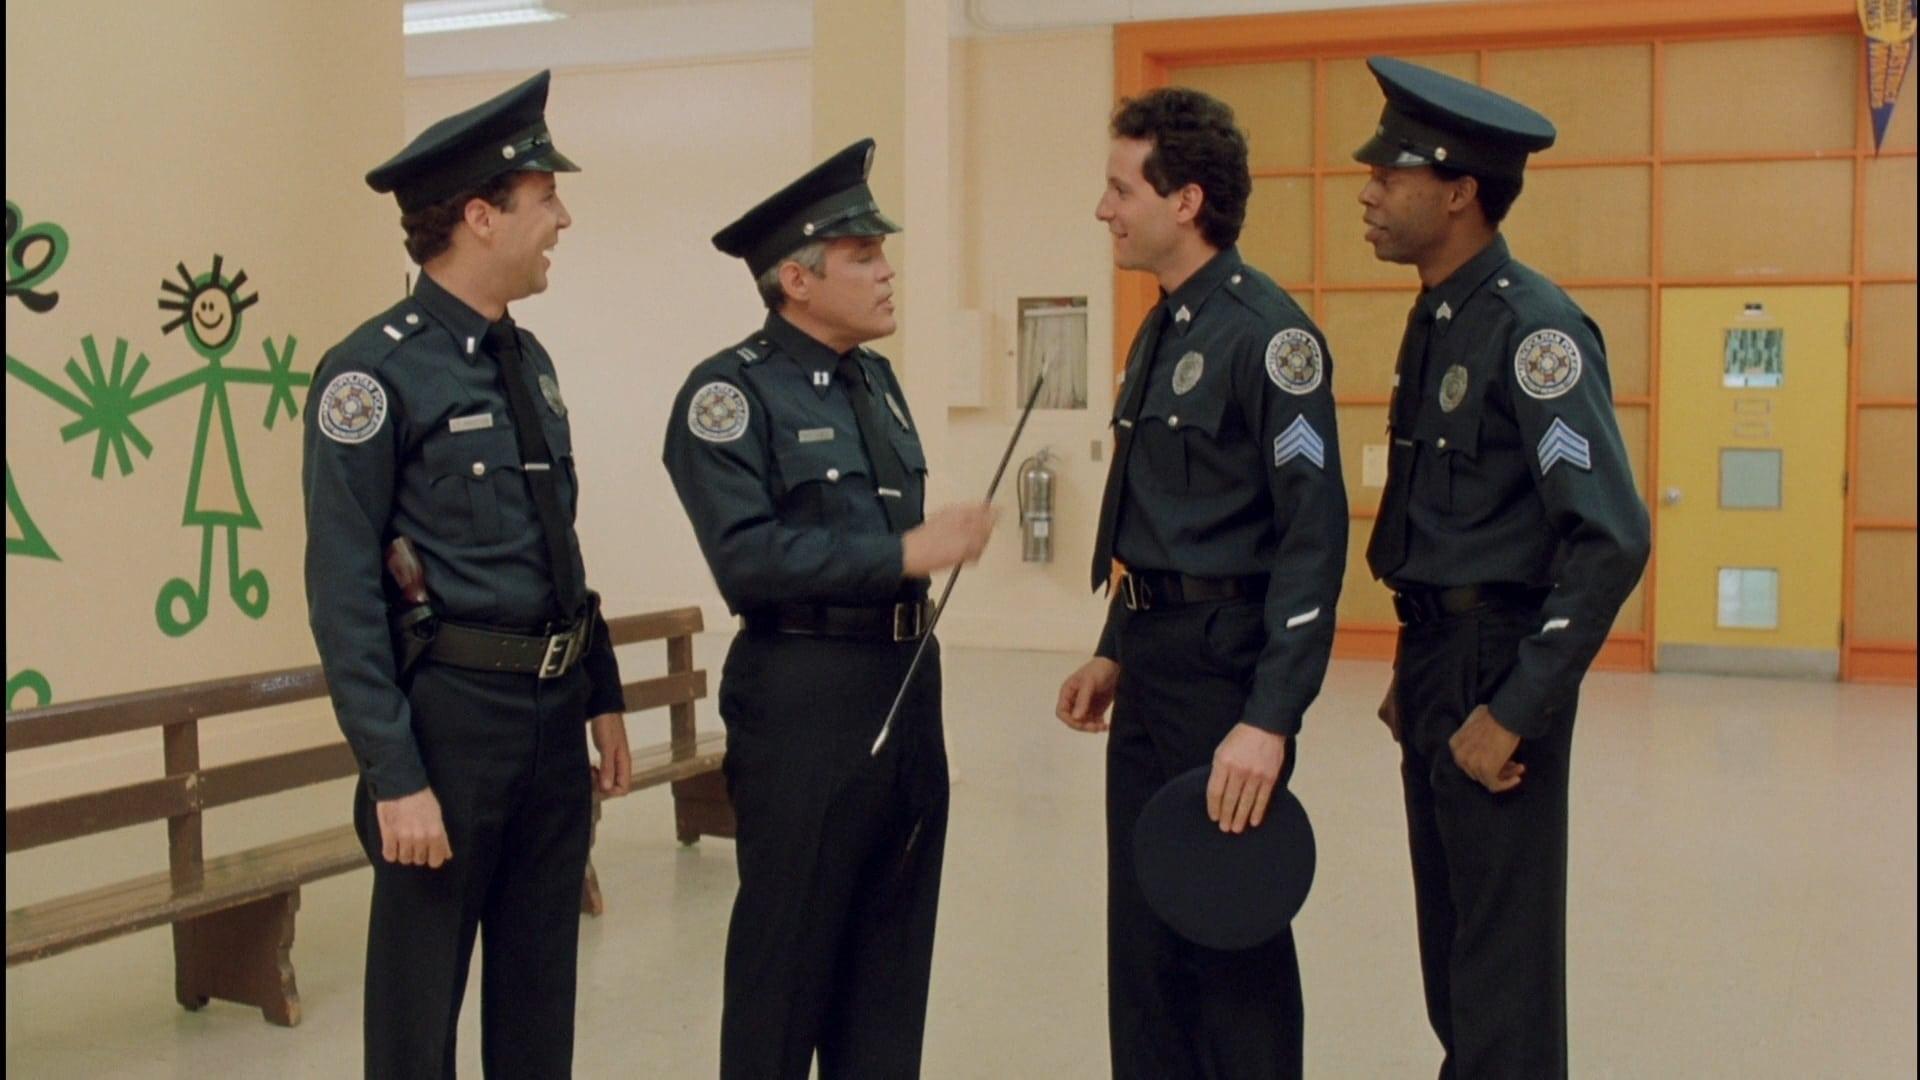 Police Academy 4